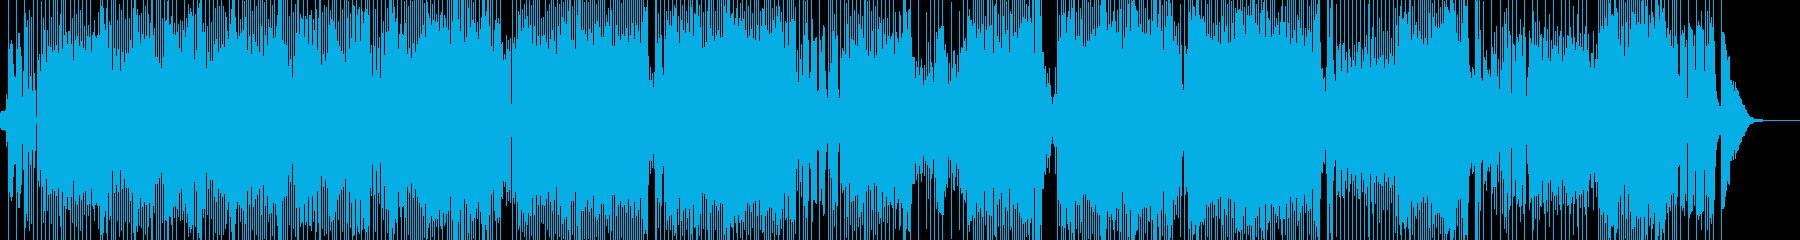 楽しく気分が弾むカントリー Aの再生済みの波形